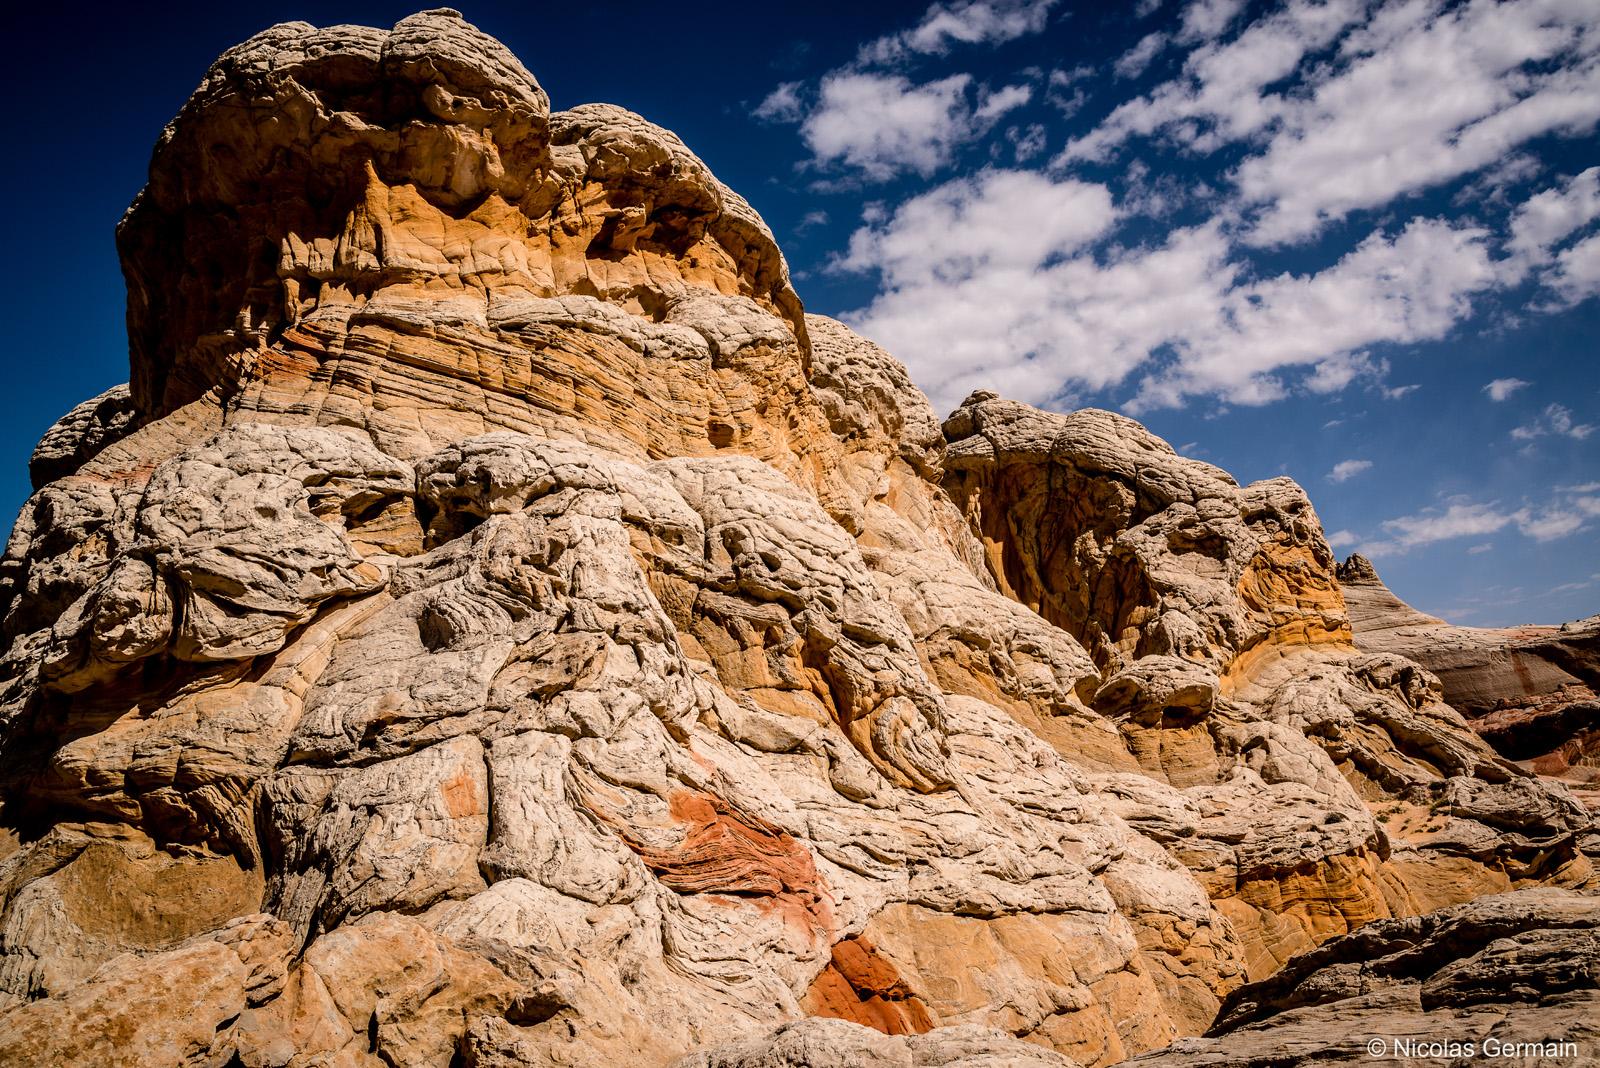 Bon exemple de la forme complexe que l'érosion a donné à la roche dans White Pocket